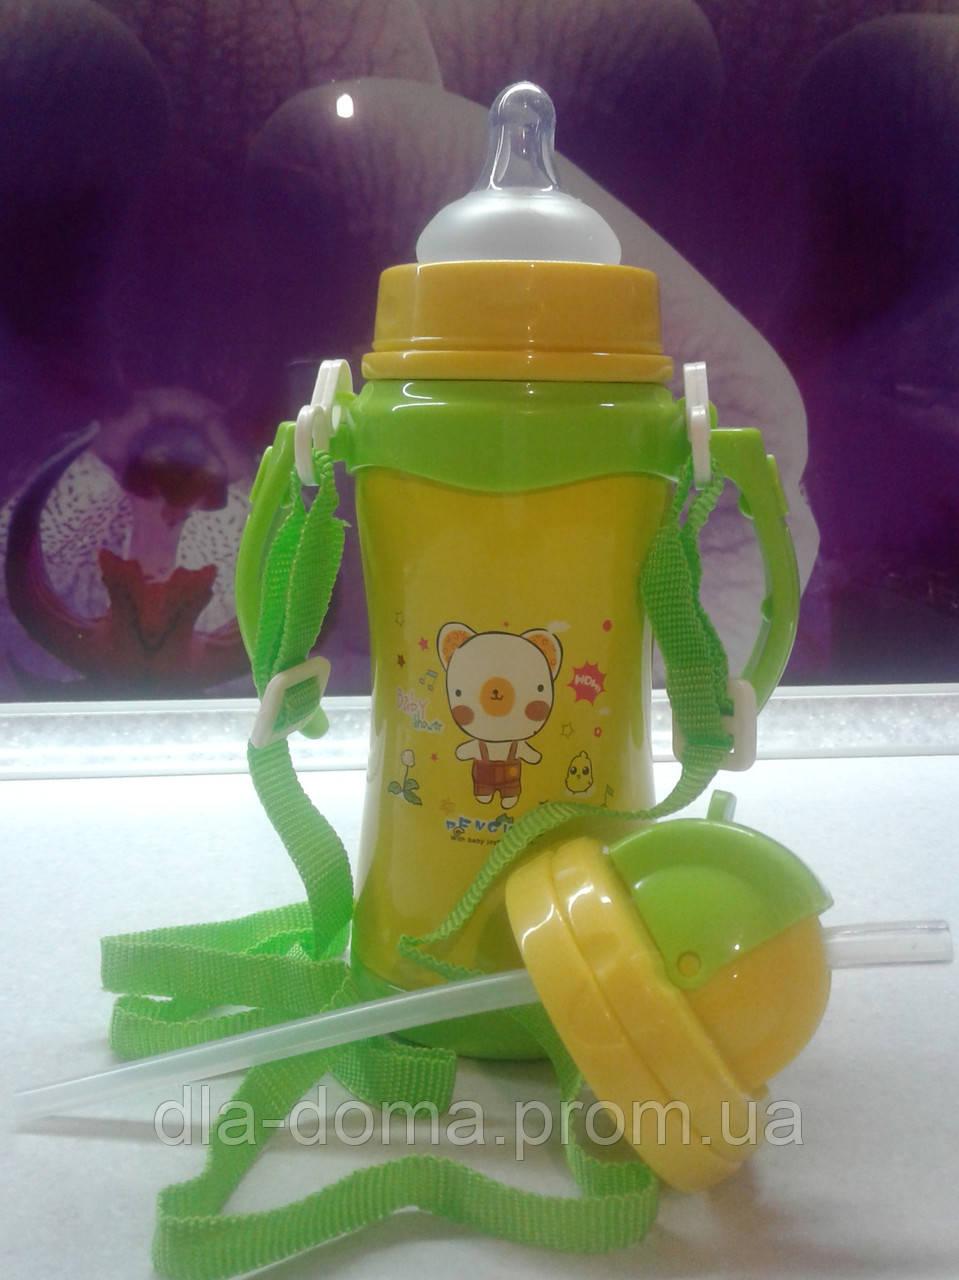 Термос детский вакуумный нержавеющая сталь 0,22 л. желтый